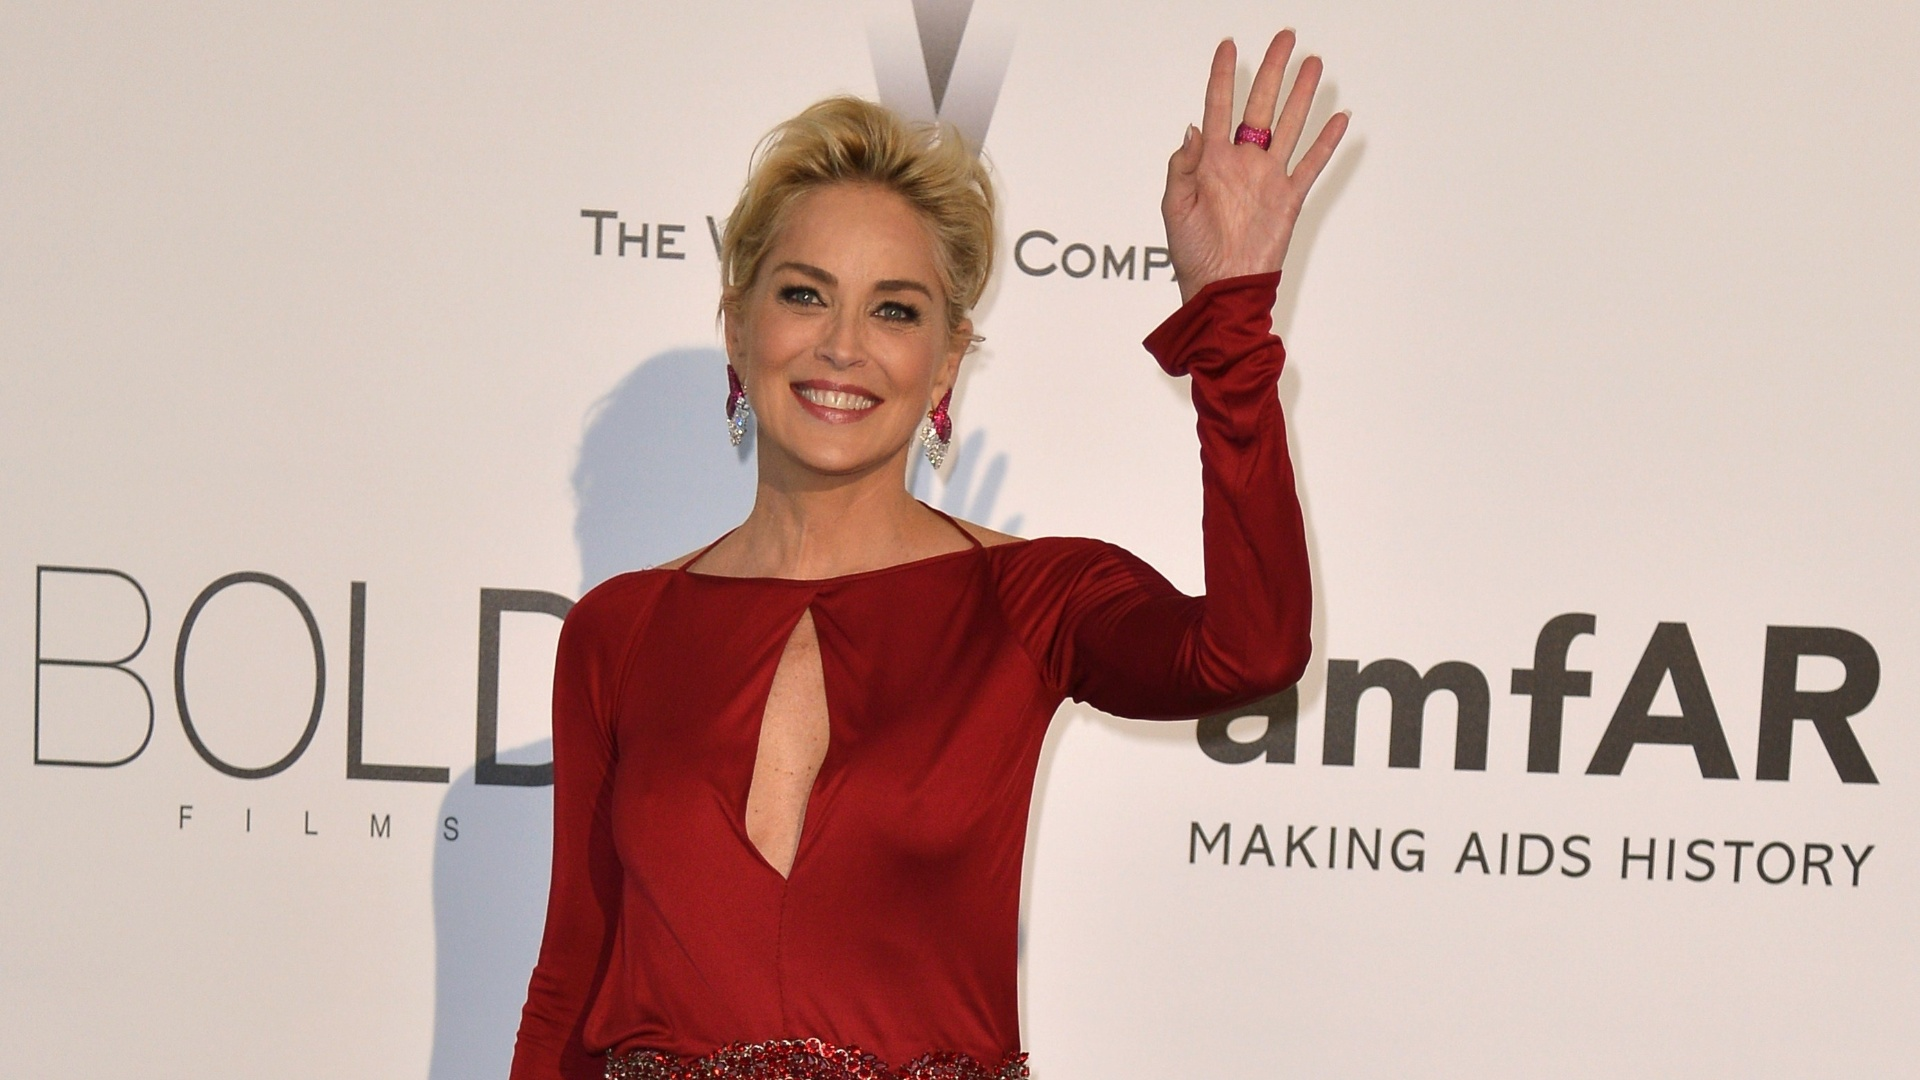 22.mai.2014 - Sharon Stone ousou no look ao usar um longo vermelho repleto de decotes durante o baile de gala da amfAR em Cannes, na França. Em boa forma, a atriz optou por usar o modelito sem sutiã. Sorridente, Sharon mostrou simpatia ao acenar para as fotos